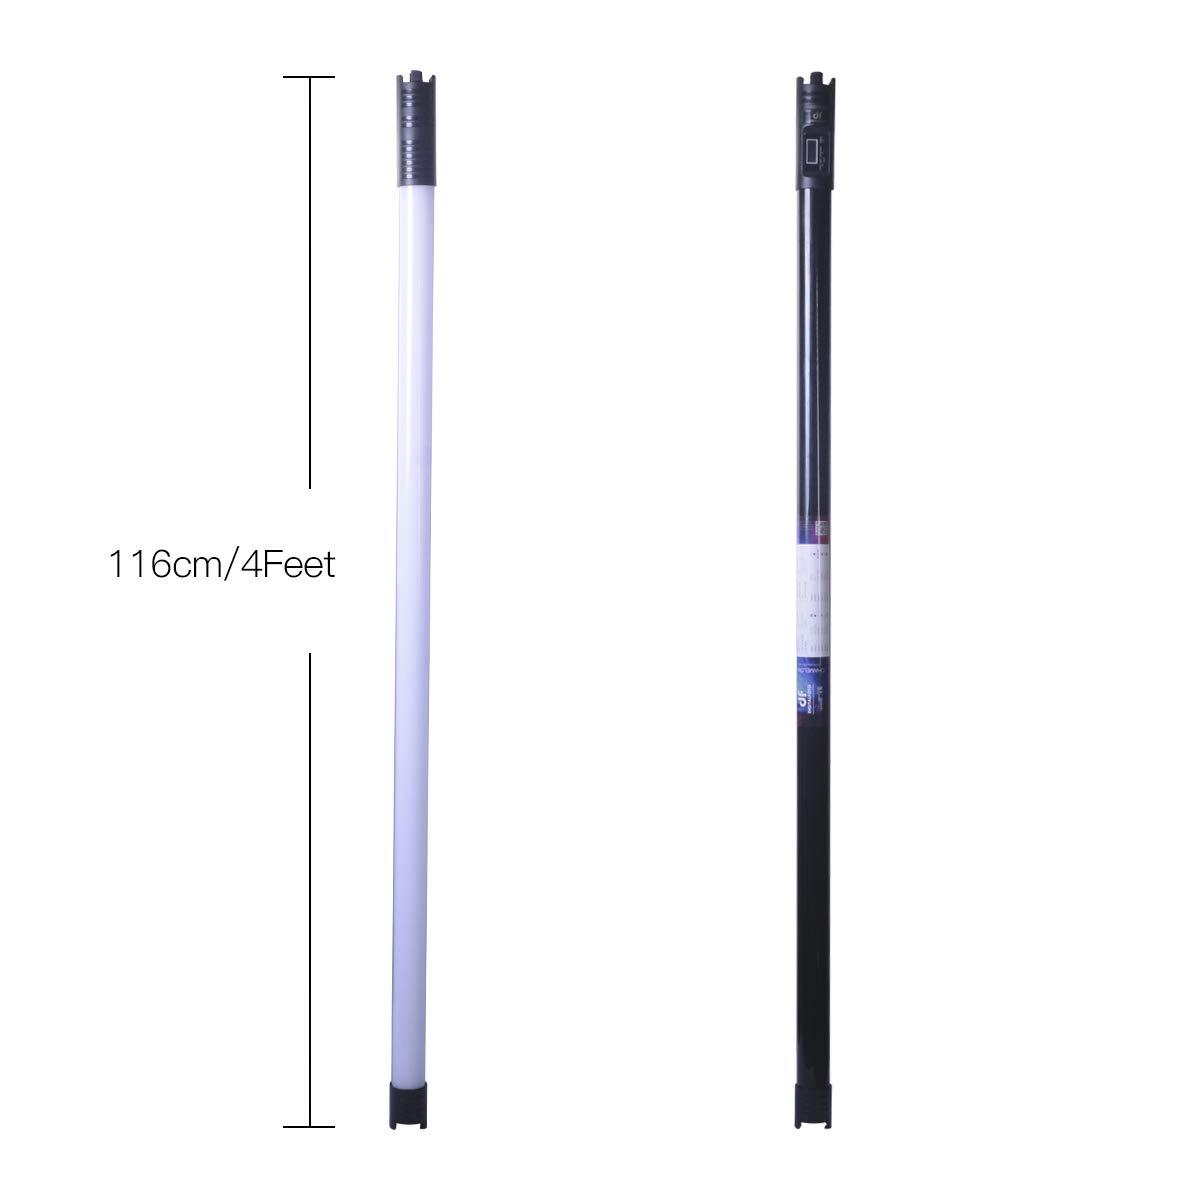 DF DIGITALFOTO Chameleon RGB Tubo de luz LED, 2800-9990K 4 pies 116 cm Temperatura de Color Recargable luz Continua para fotografía: Amazon.es: Electrónica